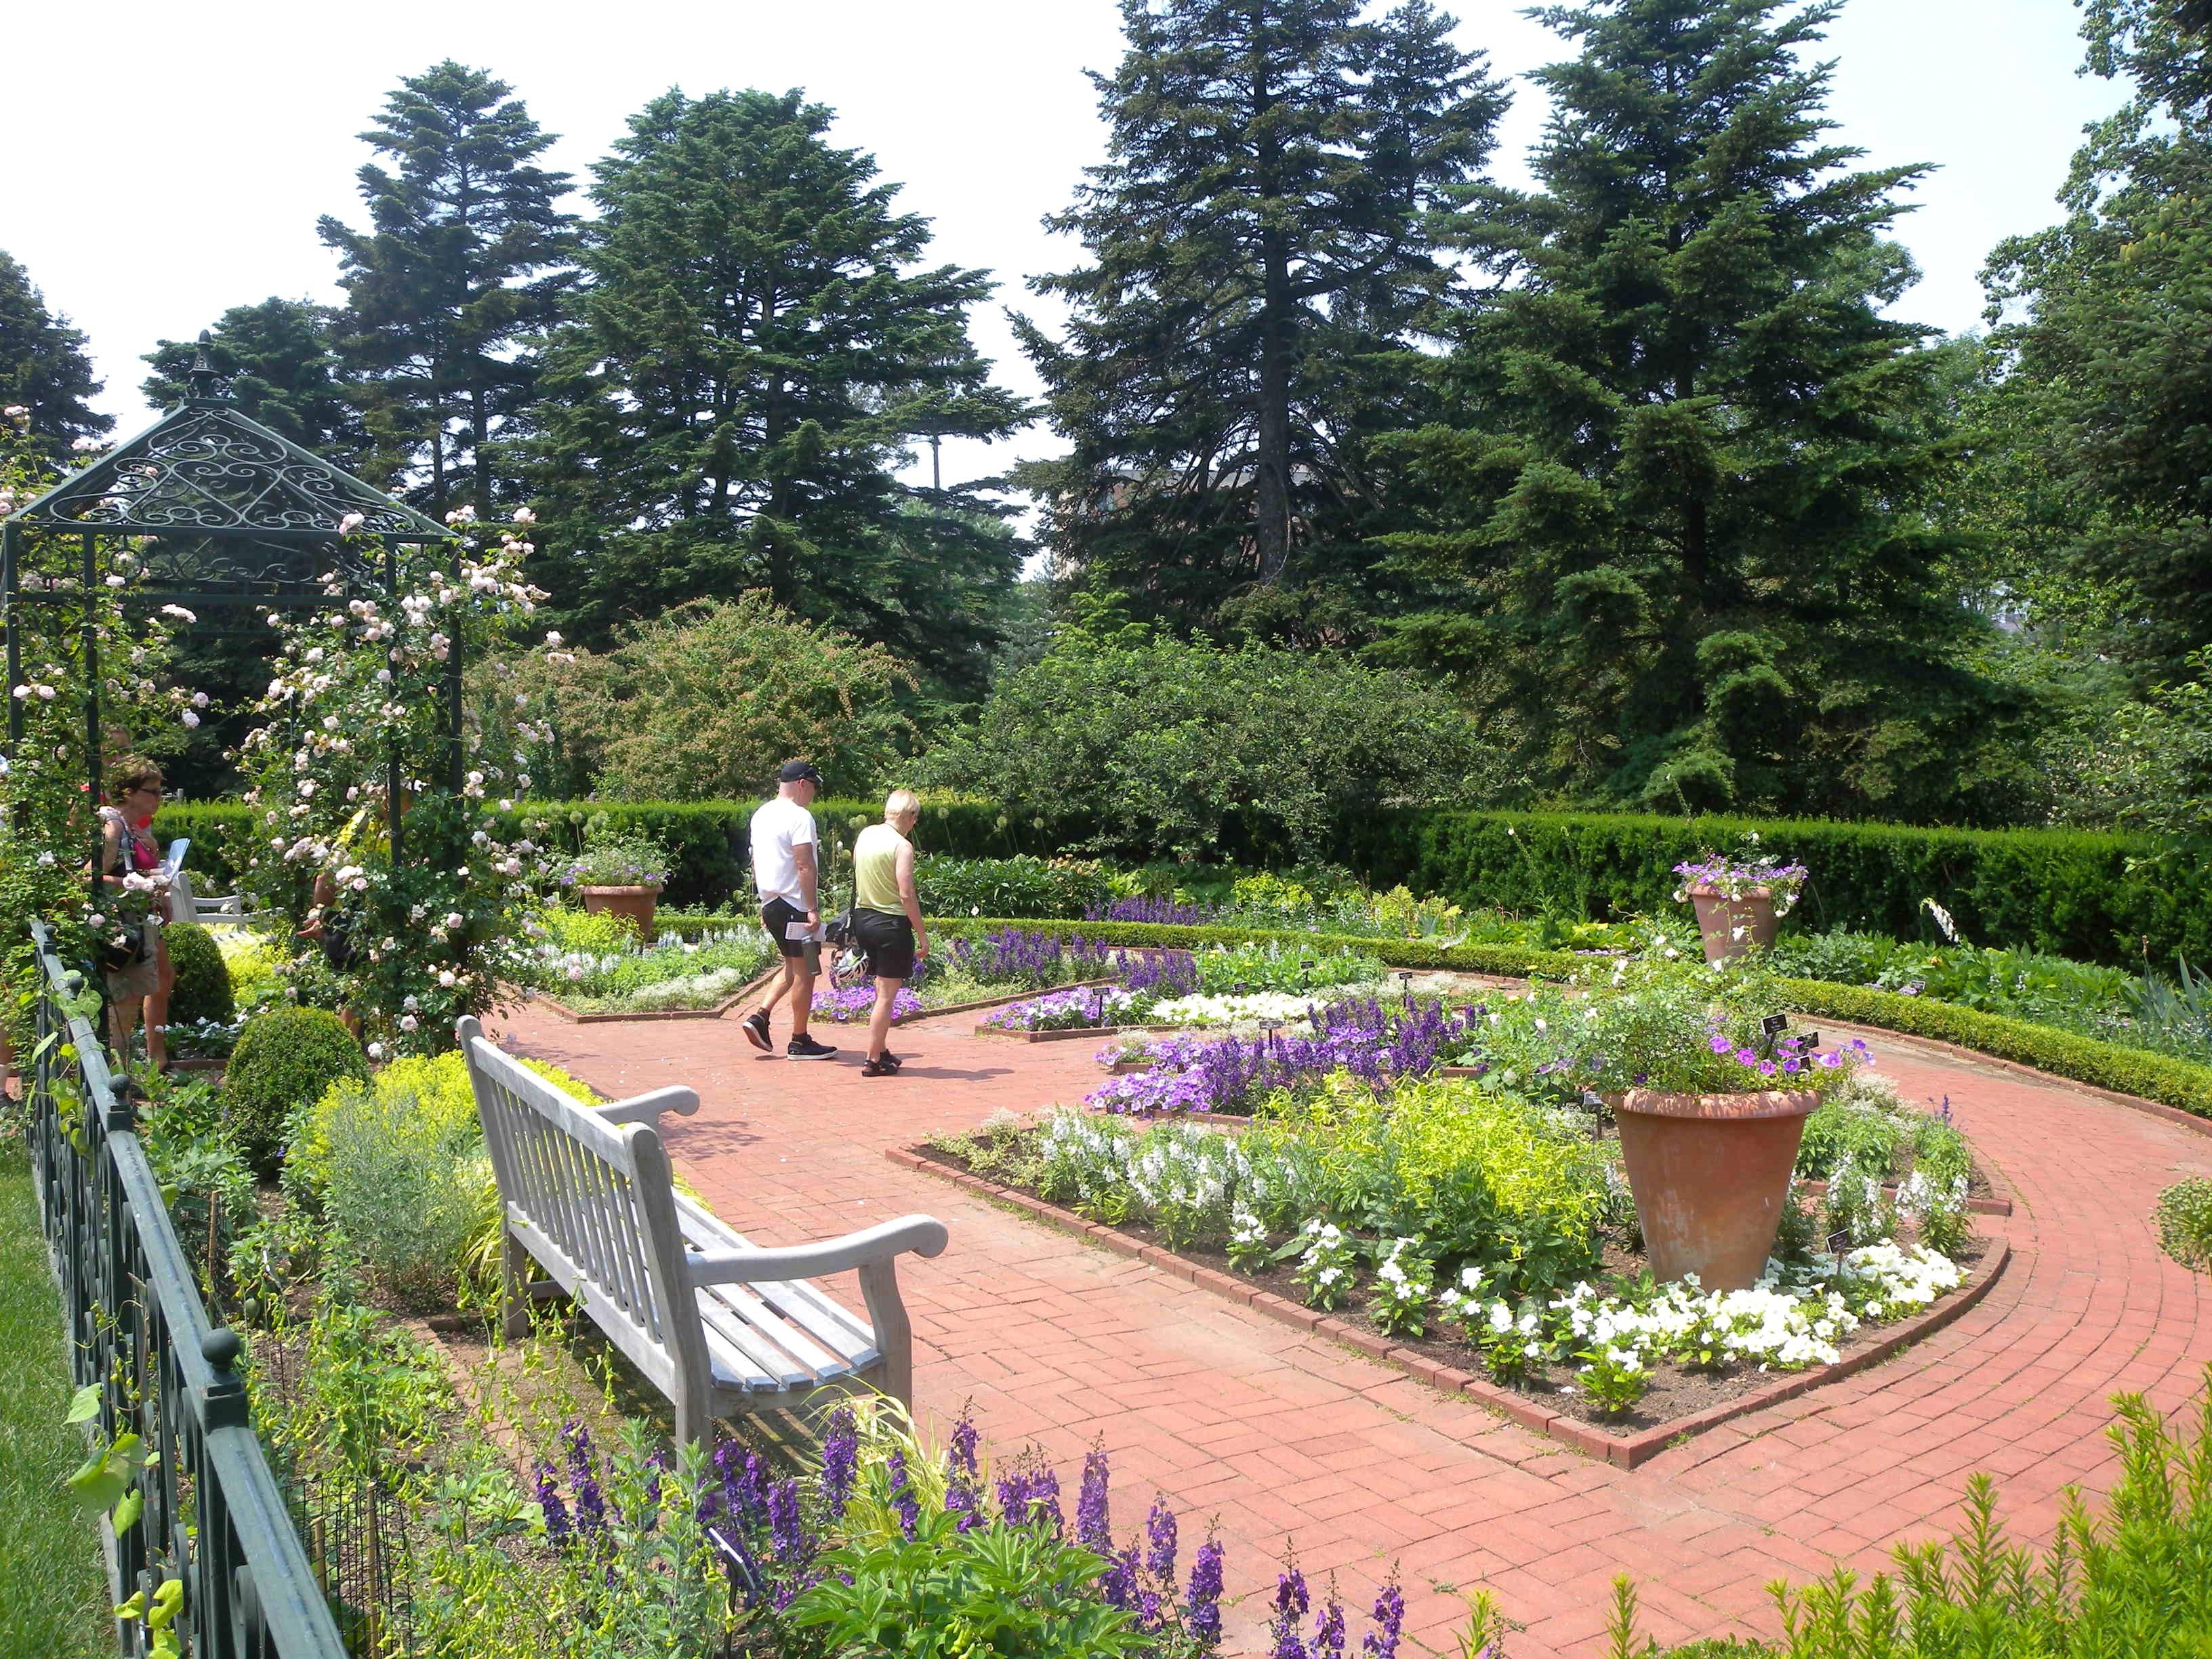 Mae_Wien_Summer_Garden_NYBG_jeh